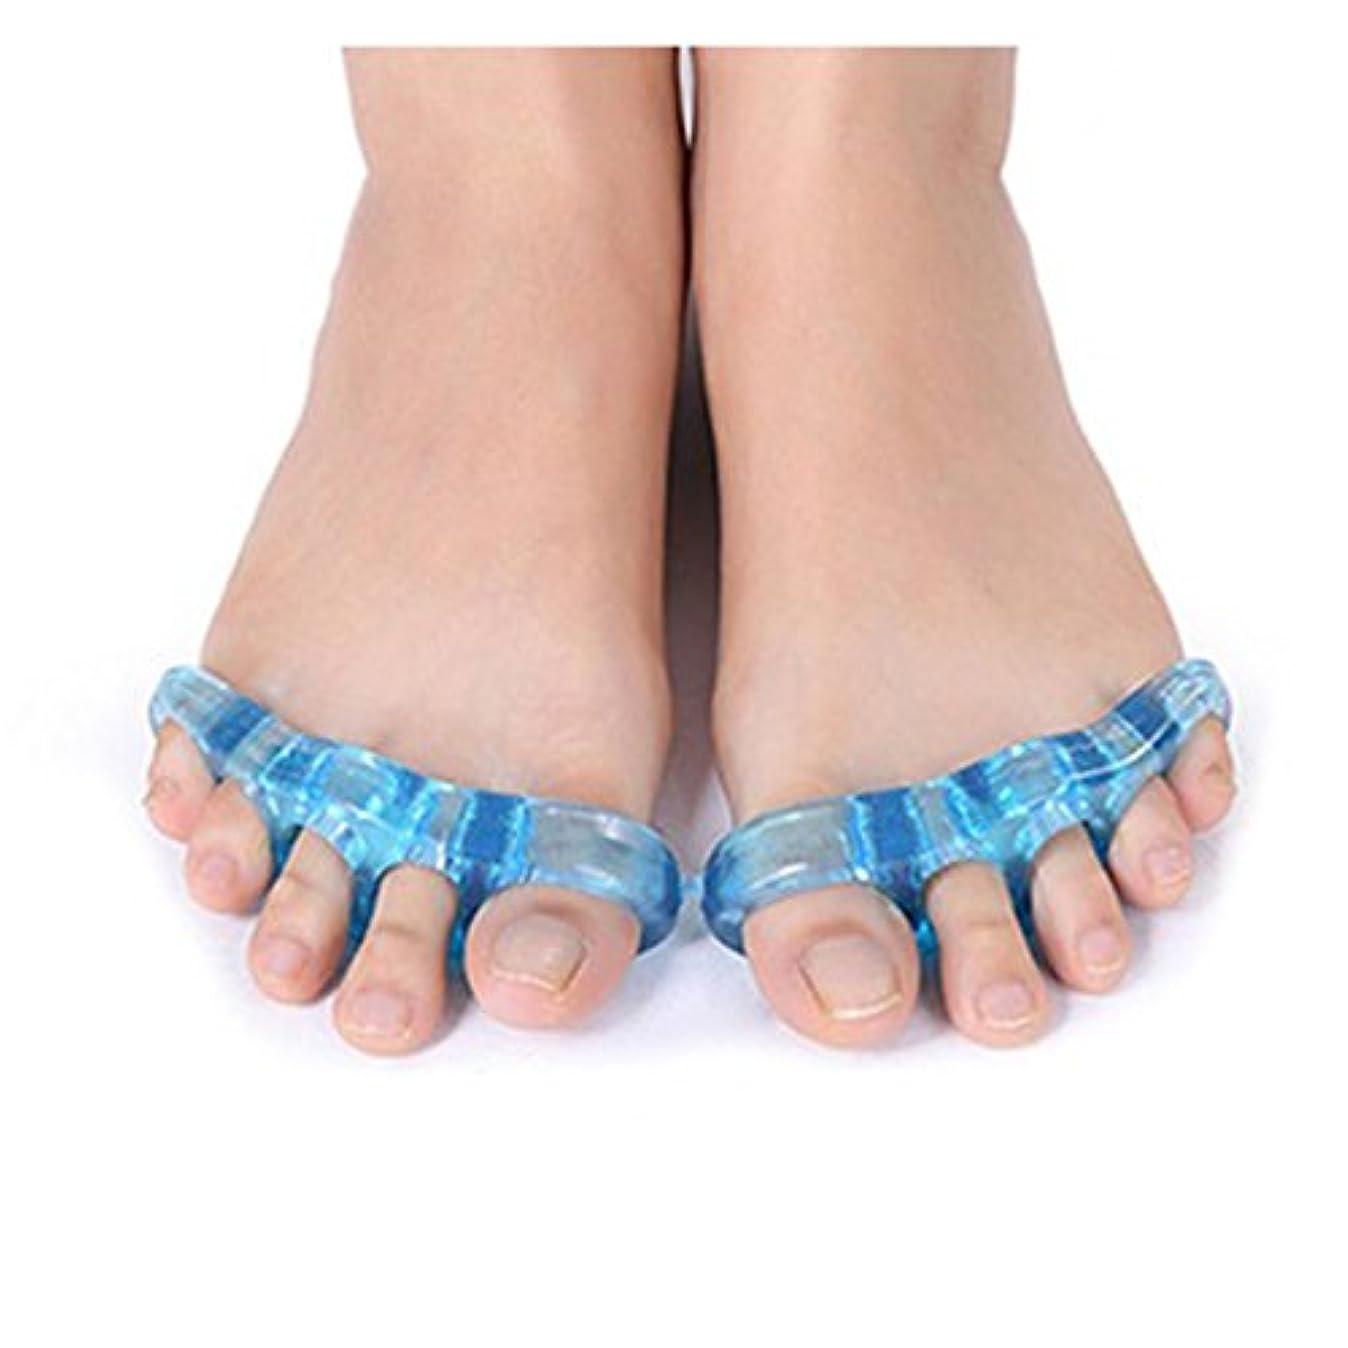 マイルストーン守るピック足指ストレッチパッド 広げる 足ゆび 5本指 両足セット 足指矯正 外反母趾 つま先 (大(約12cm))